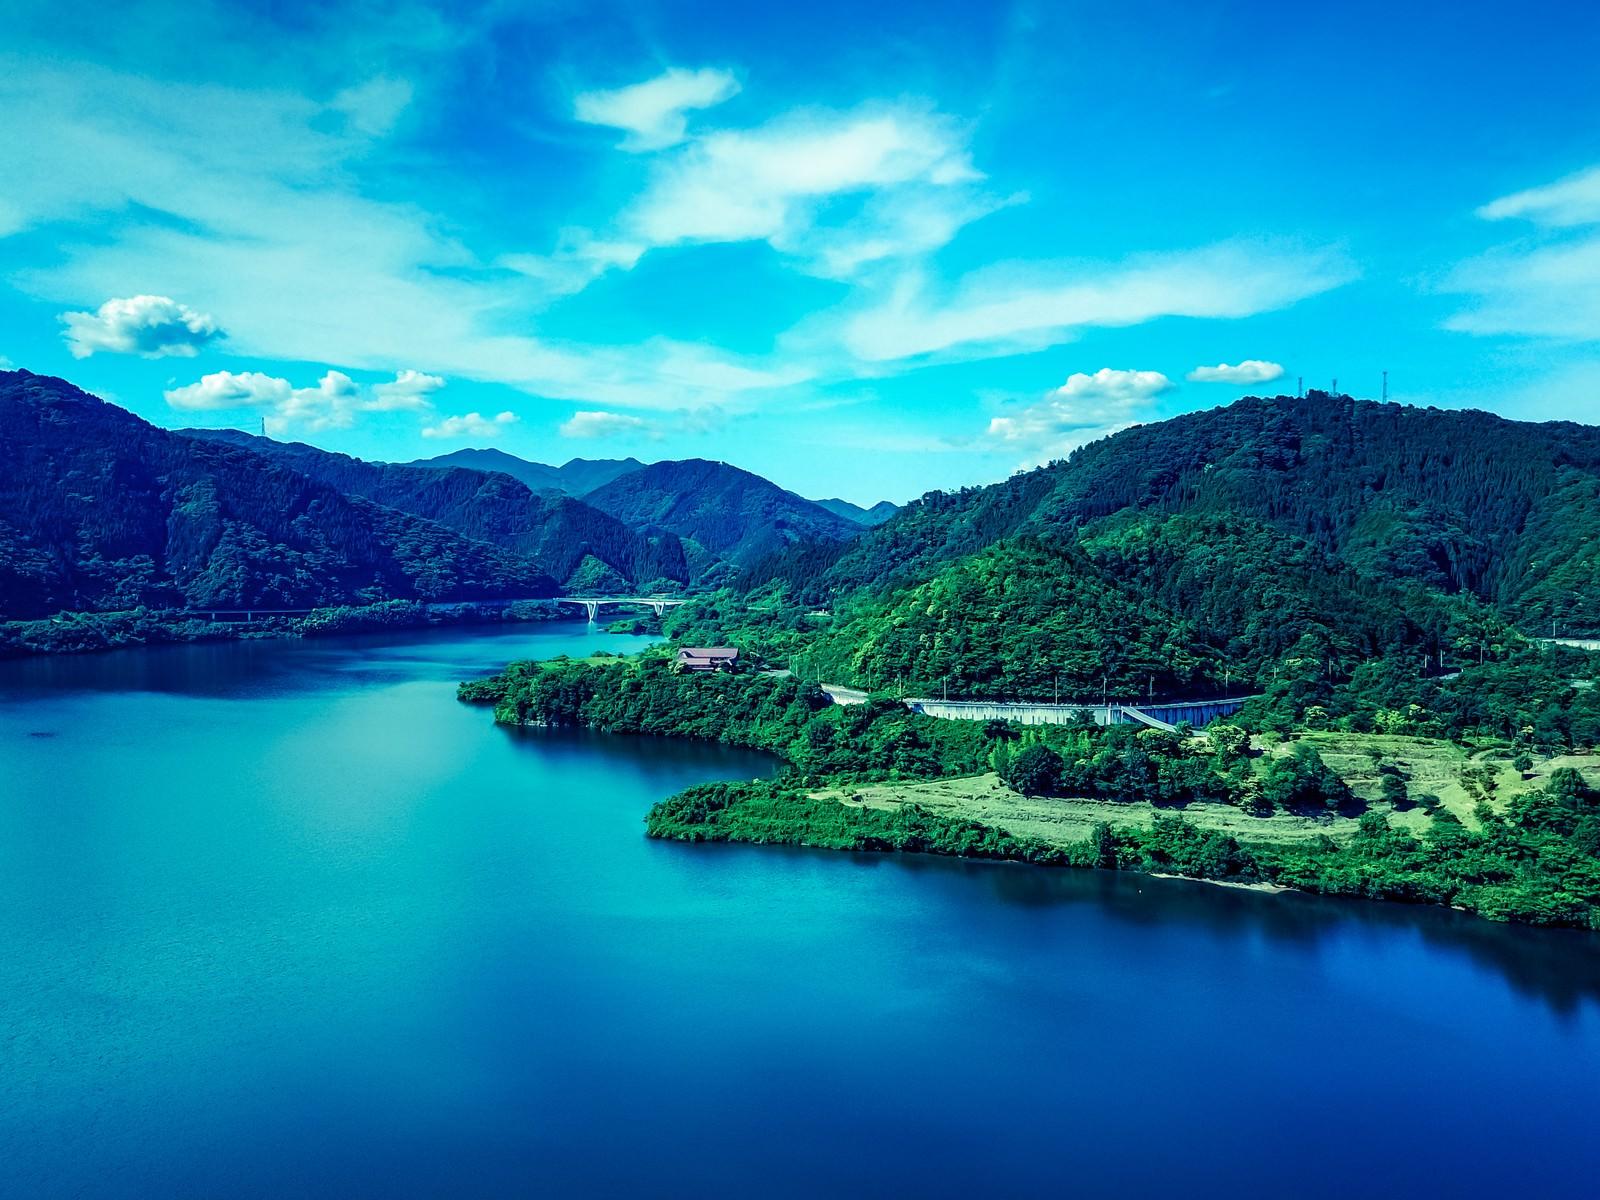 「青空と奥津湖青空と奥津湖」のフリー写真素材を拡大